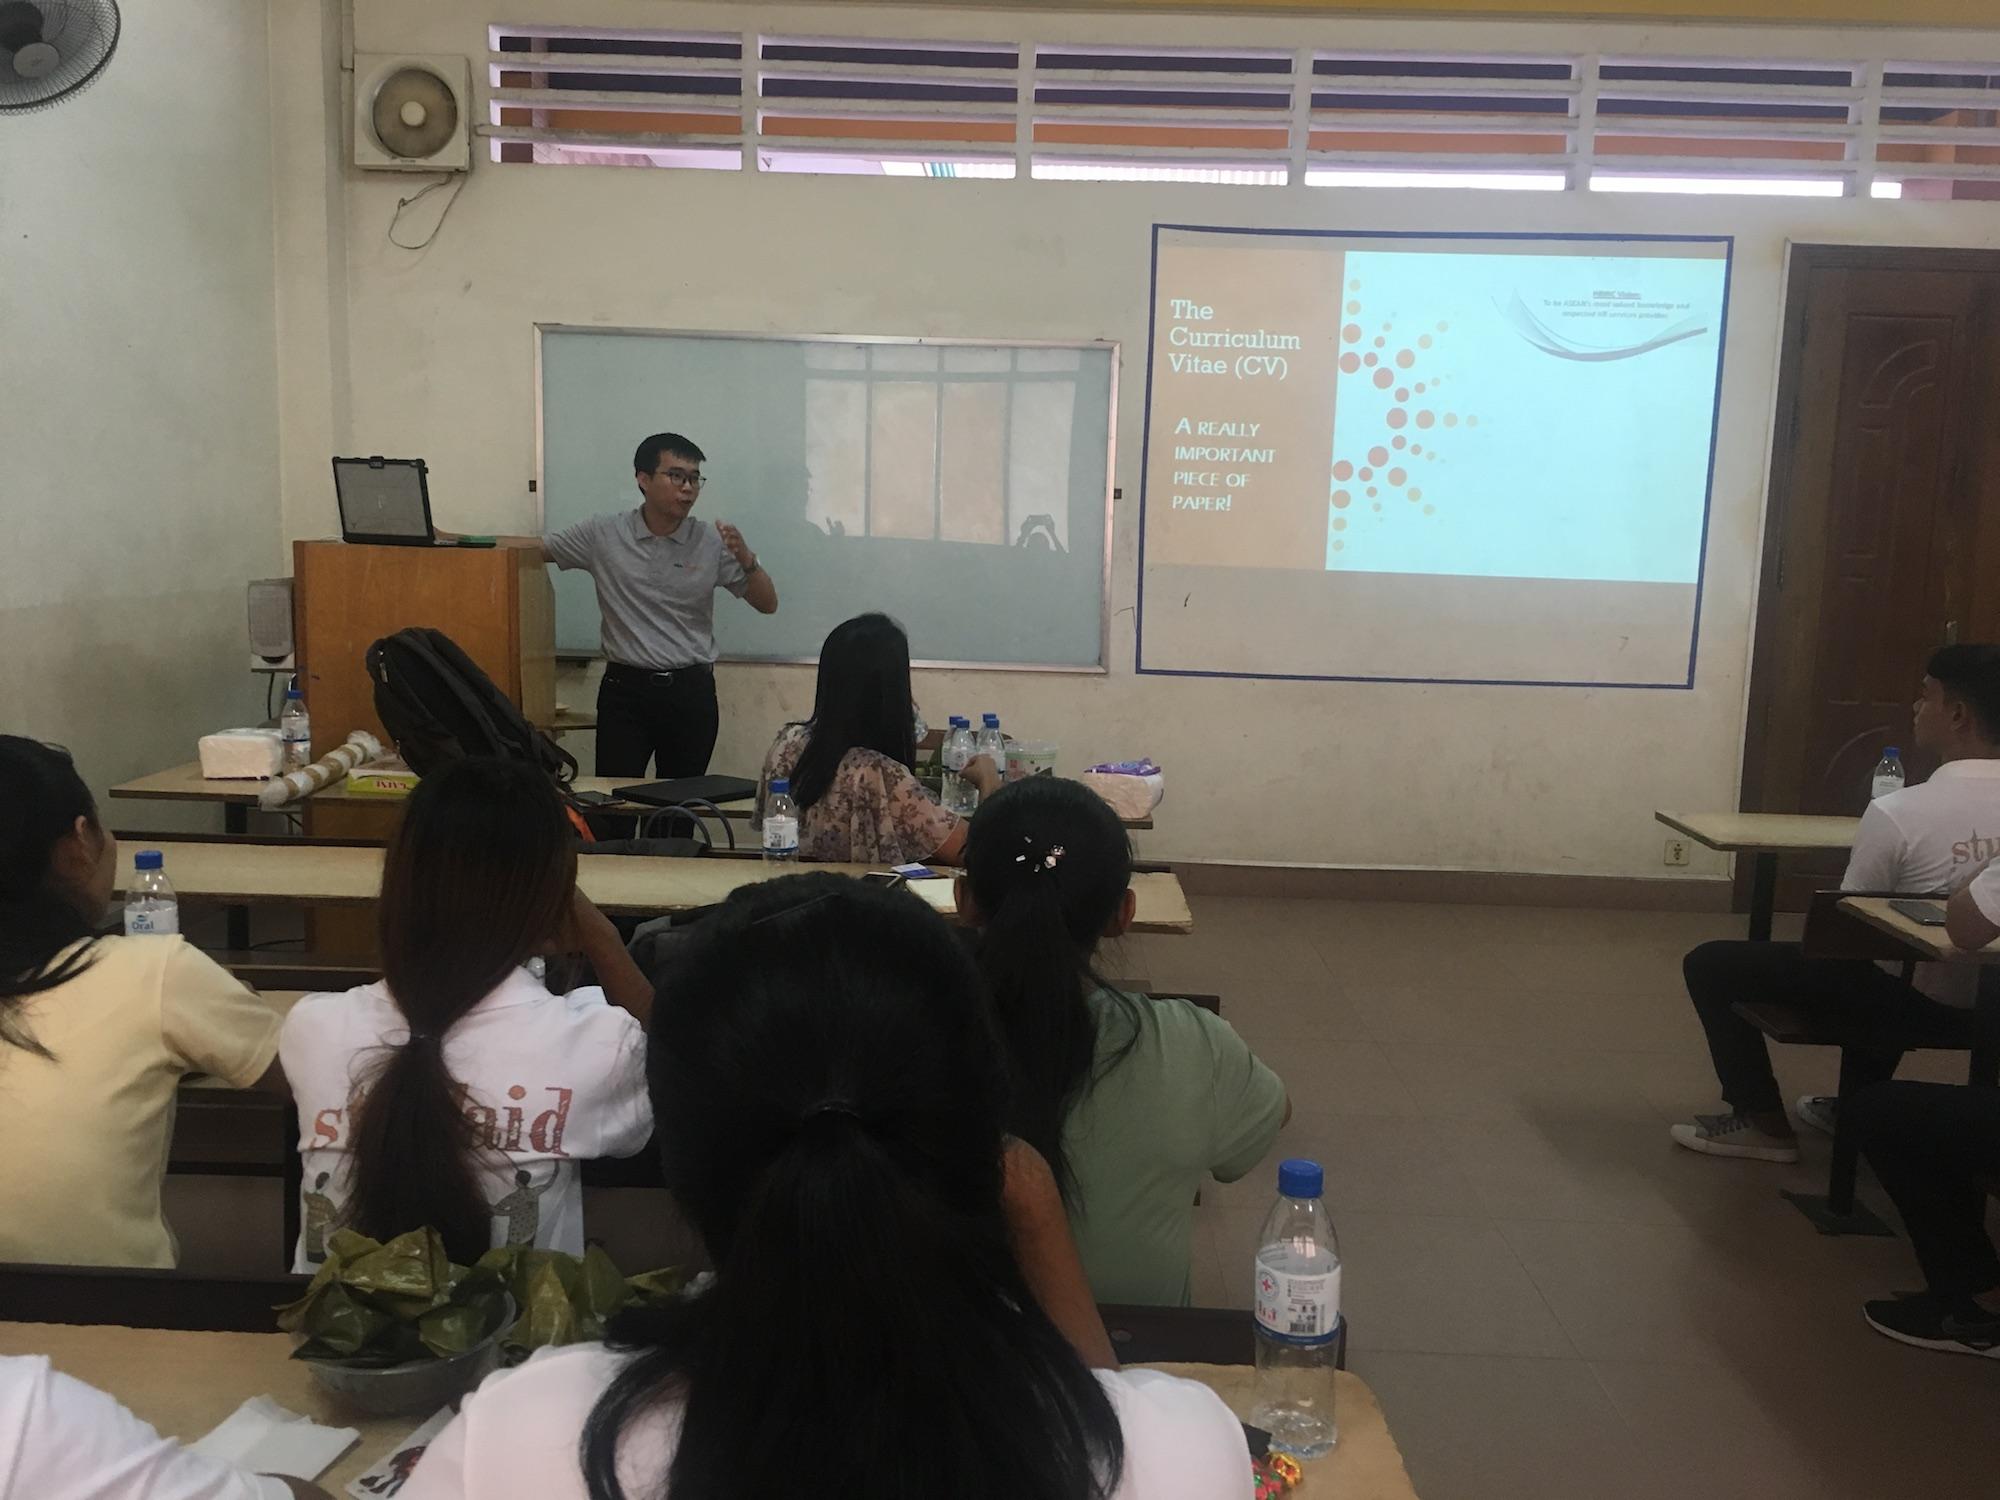 STUDAID Seminar April 19